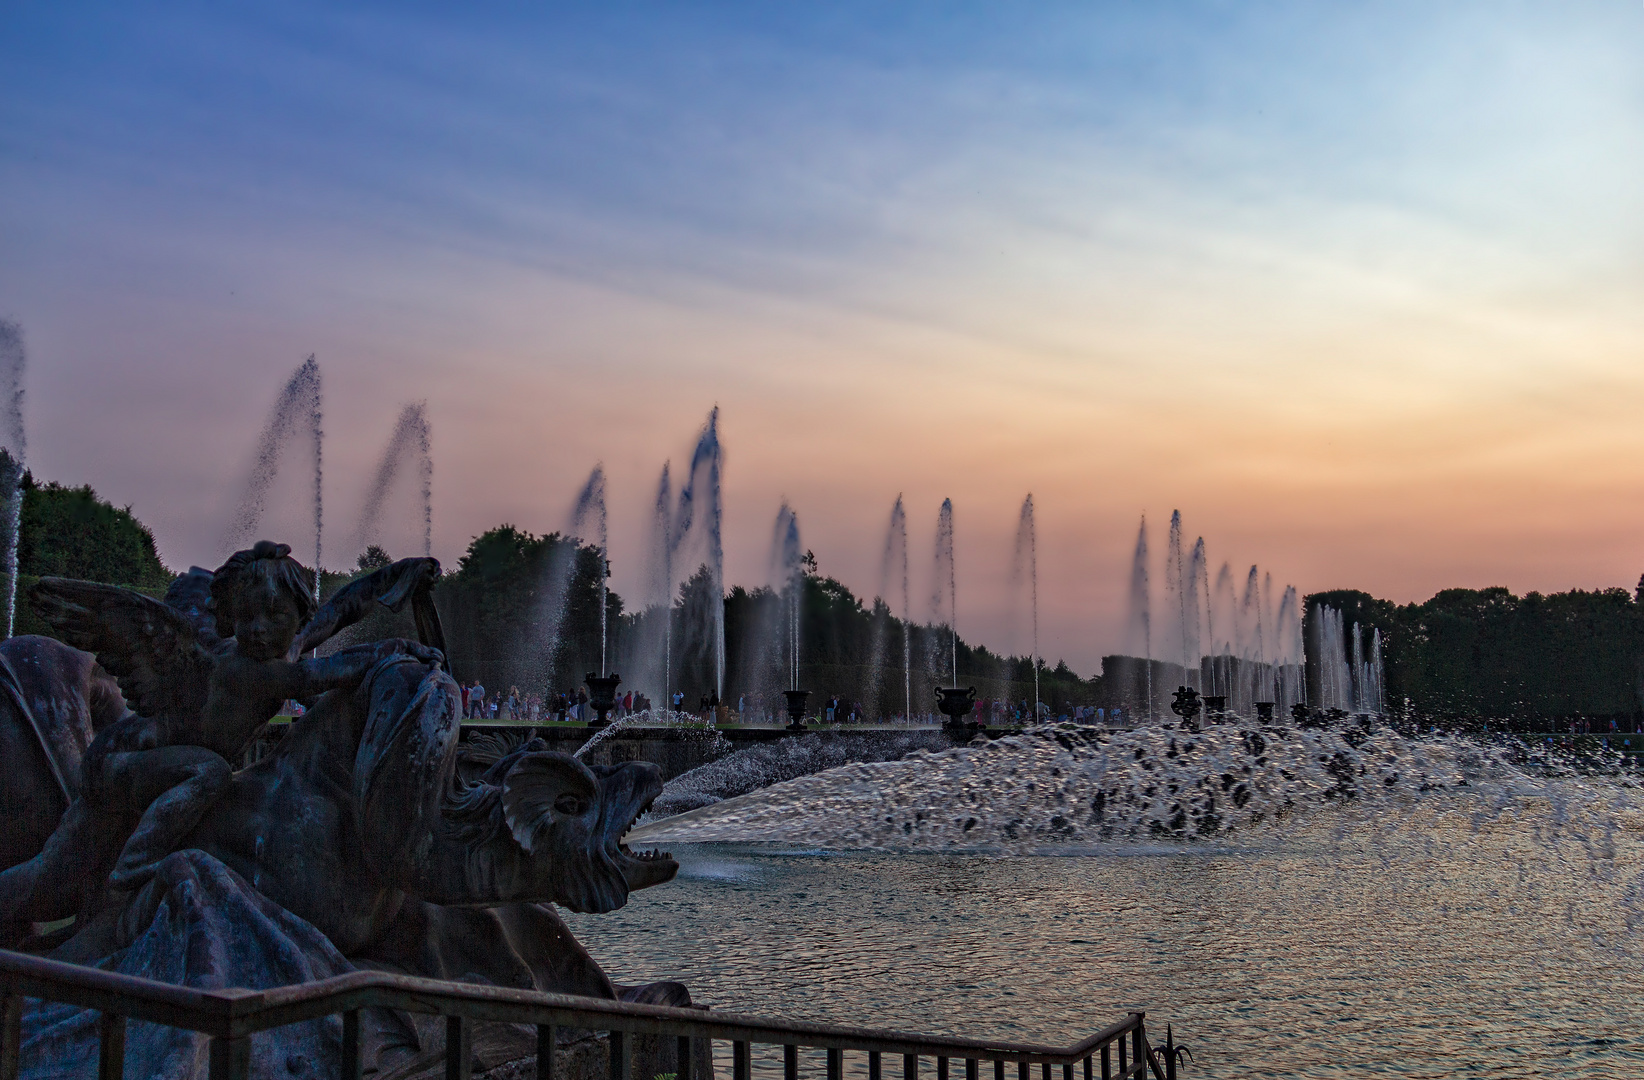 L'heure des fontaines